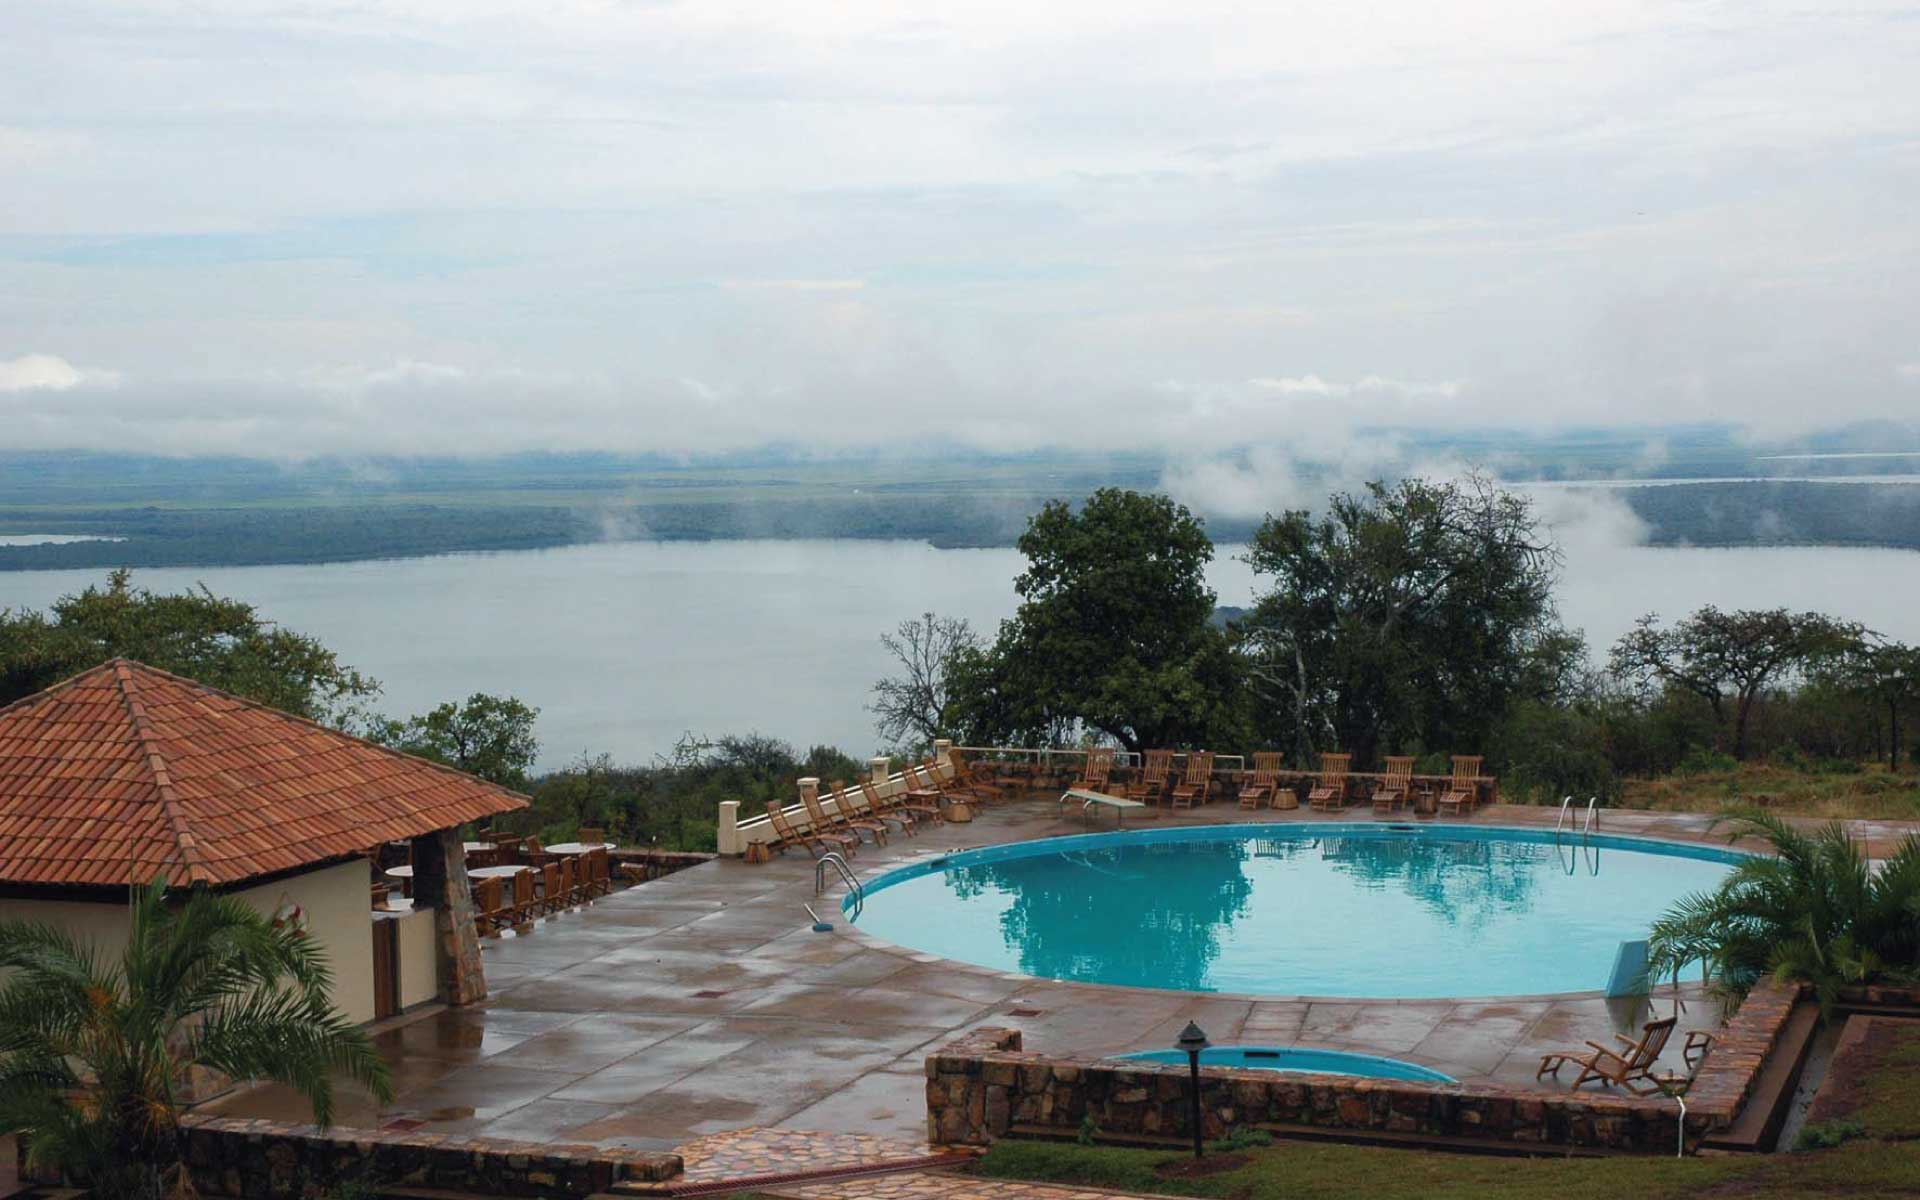 Akagera national Park Rwanda Accommodation